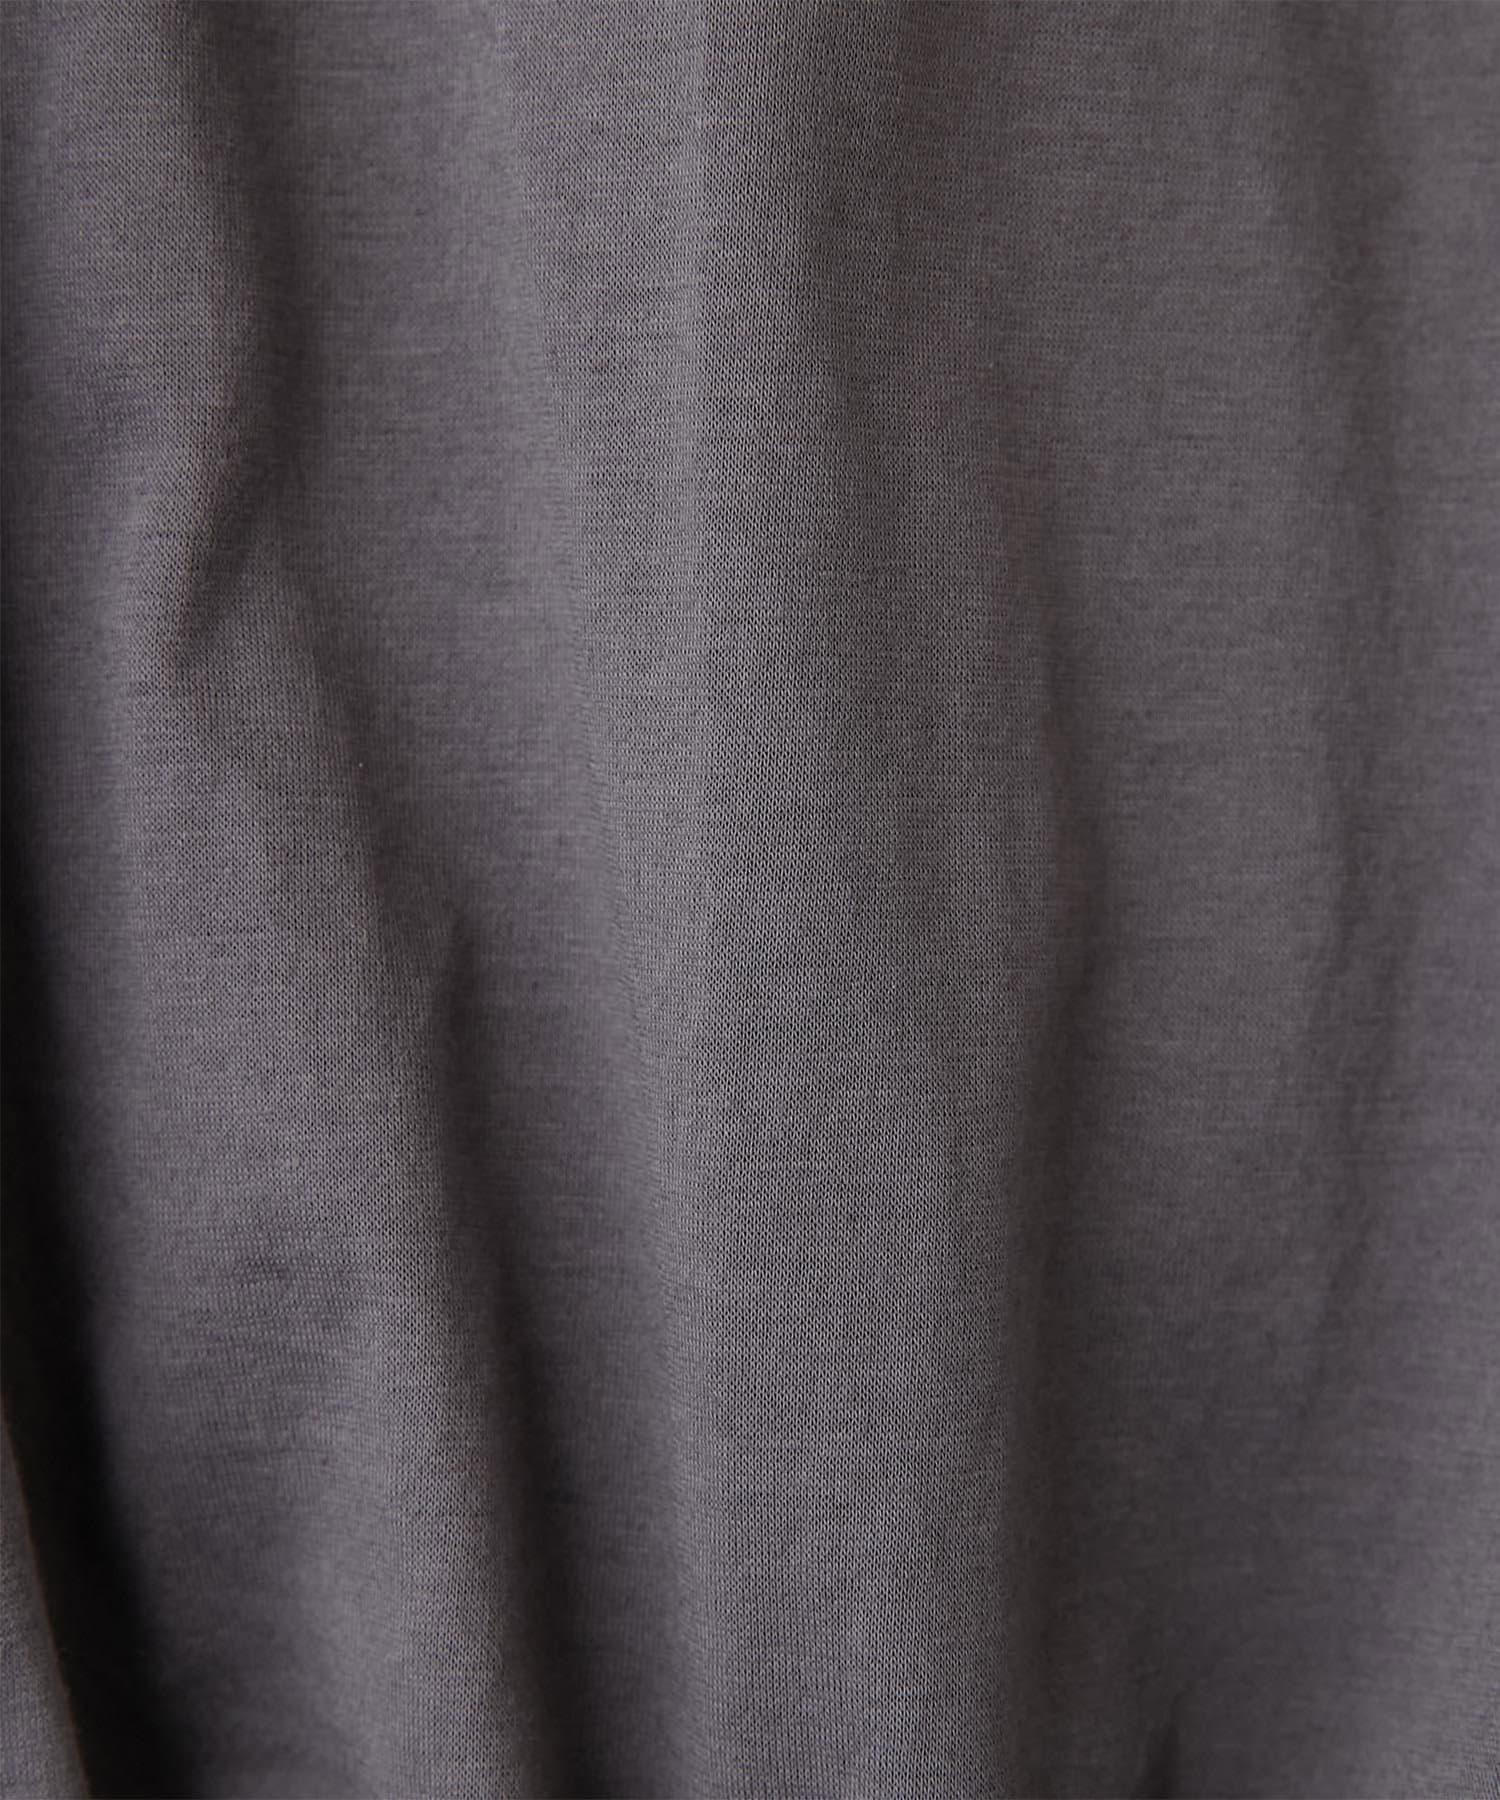 GALLARDAGALANTE(ガリャルダガランテ) フロントギャザーノースリカットソー【オンラインストア限定商品】